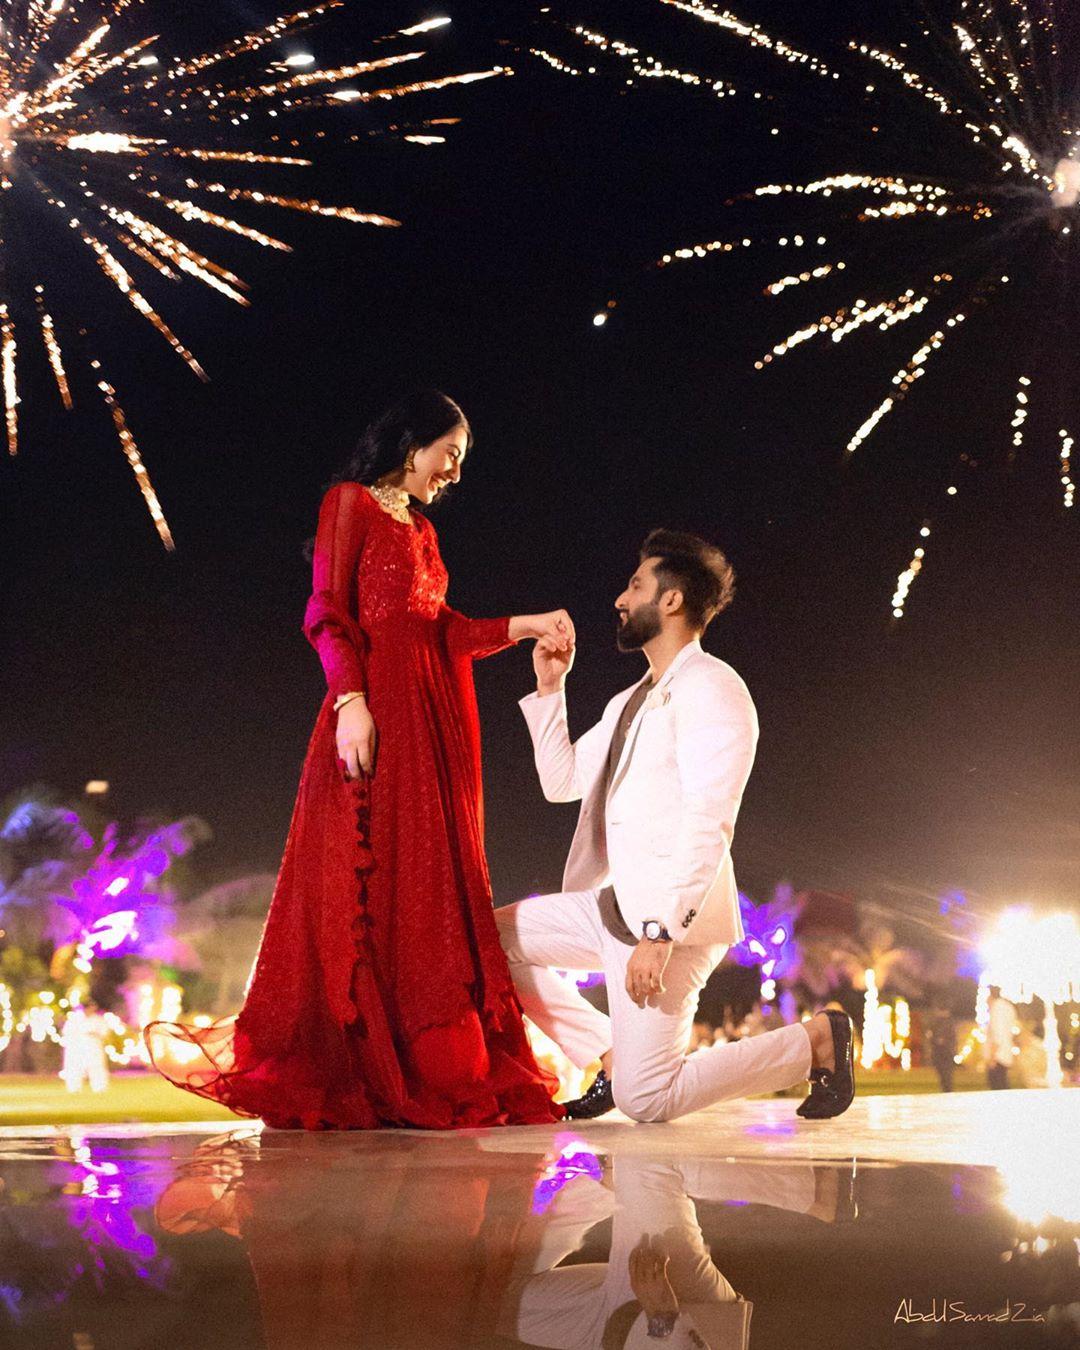 falak shabir wedding proposal